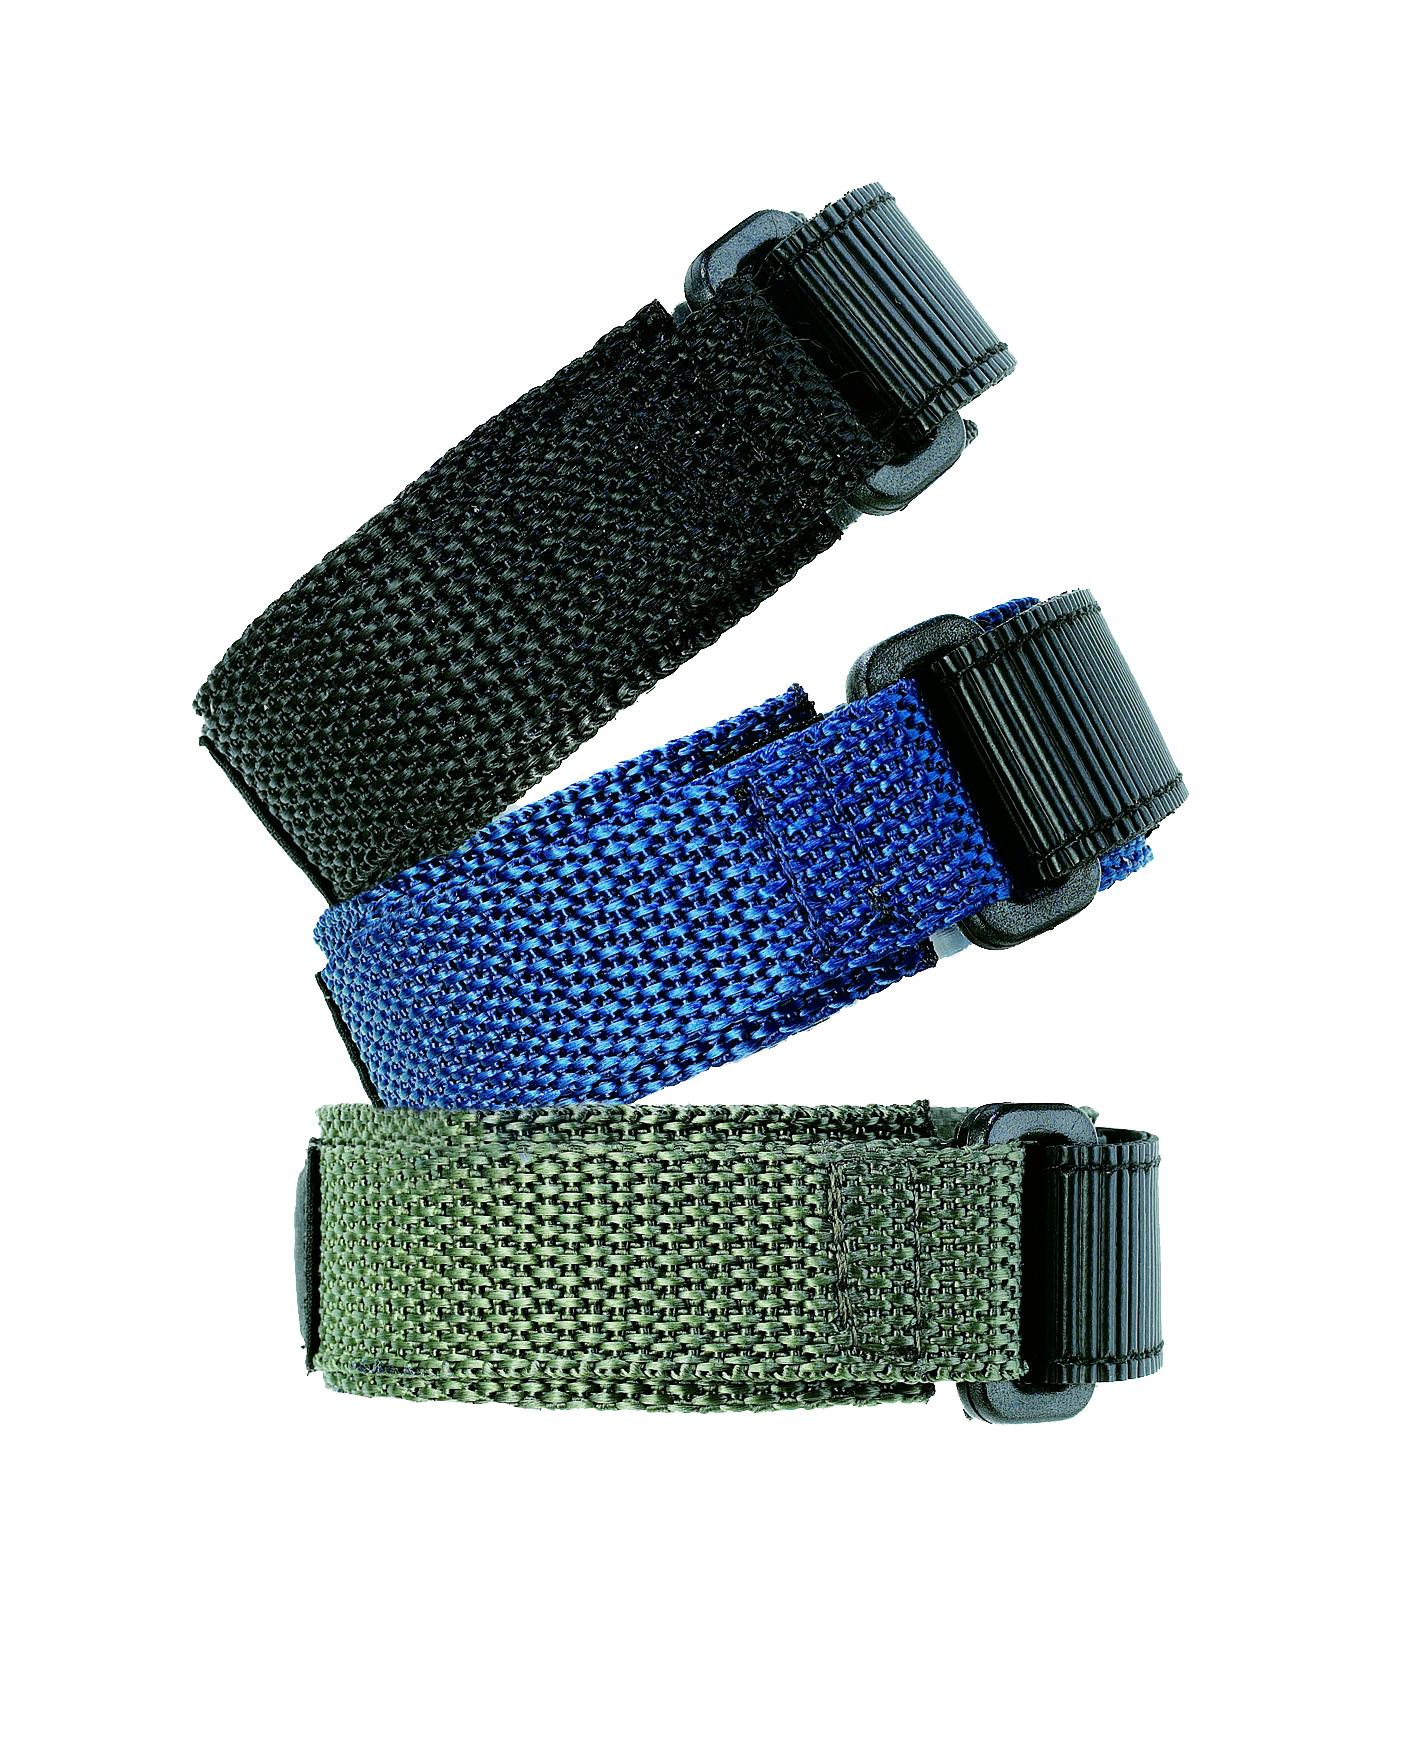 Nylon/Velcro Sport Wraps 19MM-0